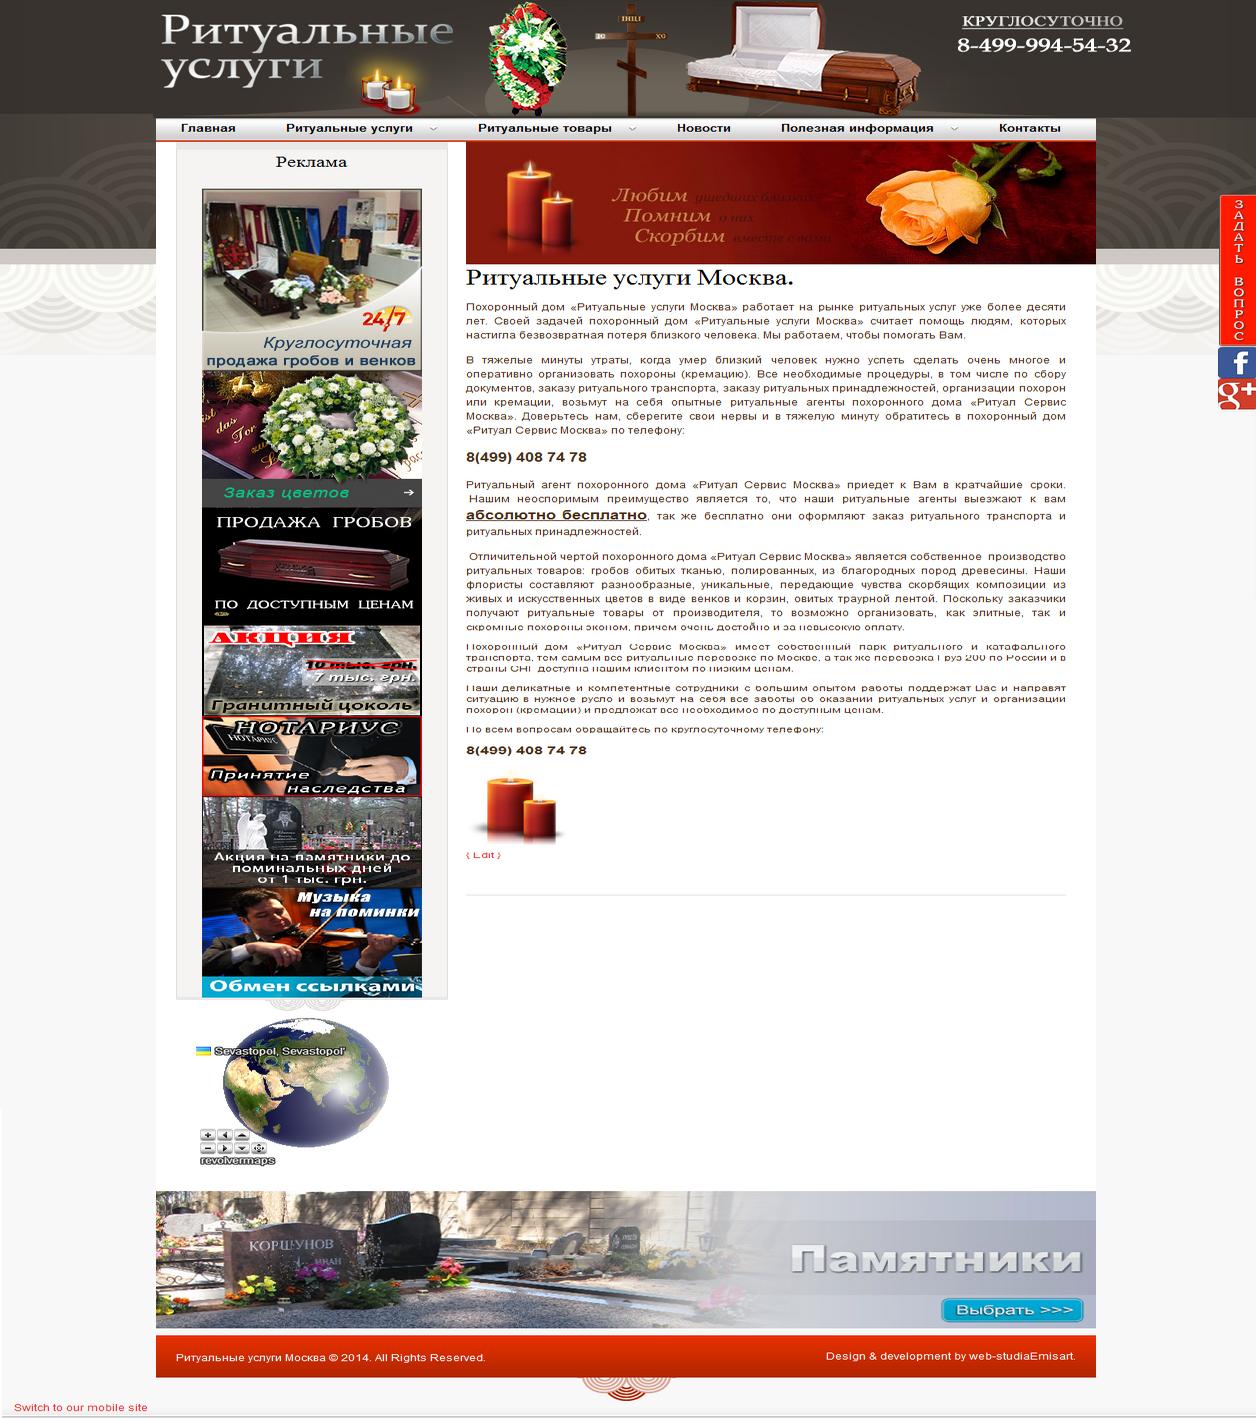 Интернет магазин: Ритуальных услуги Москва